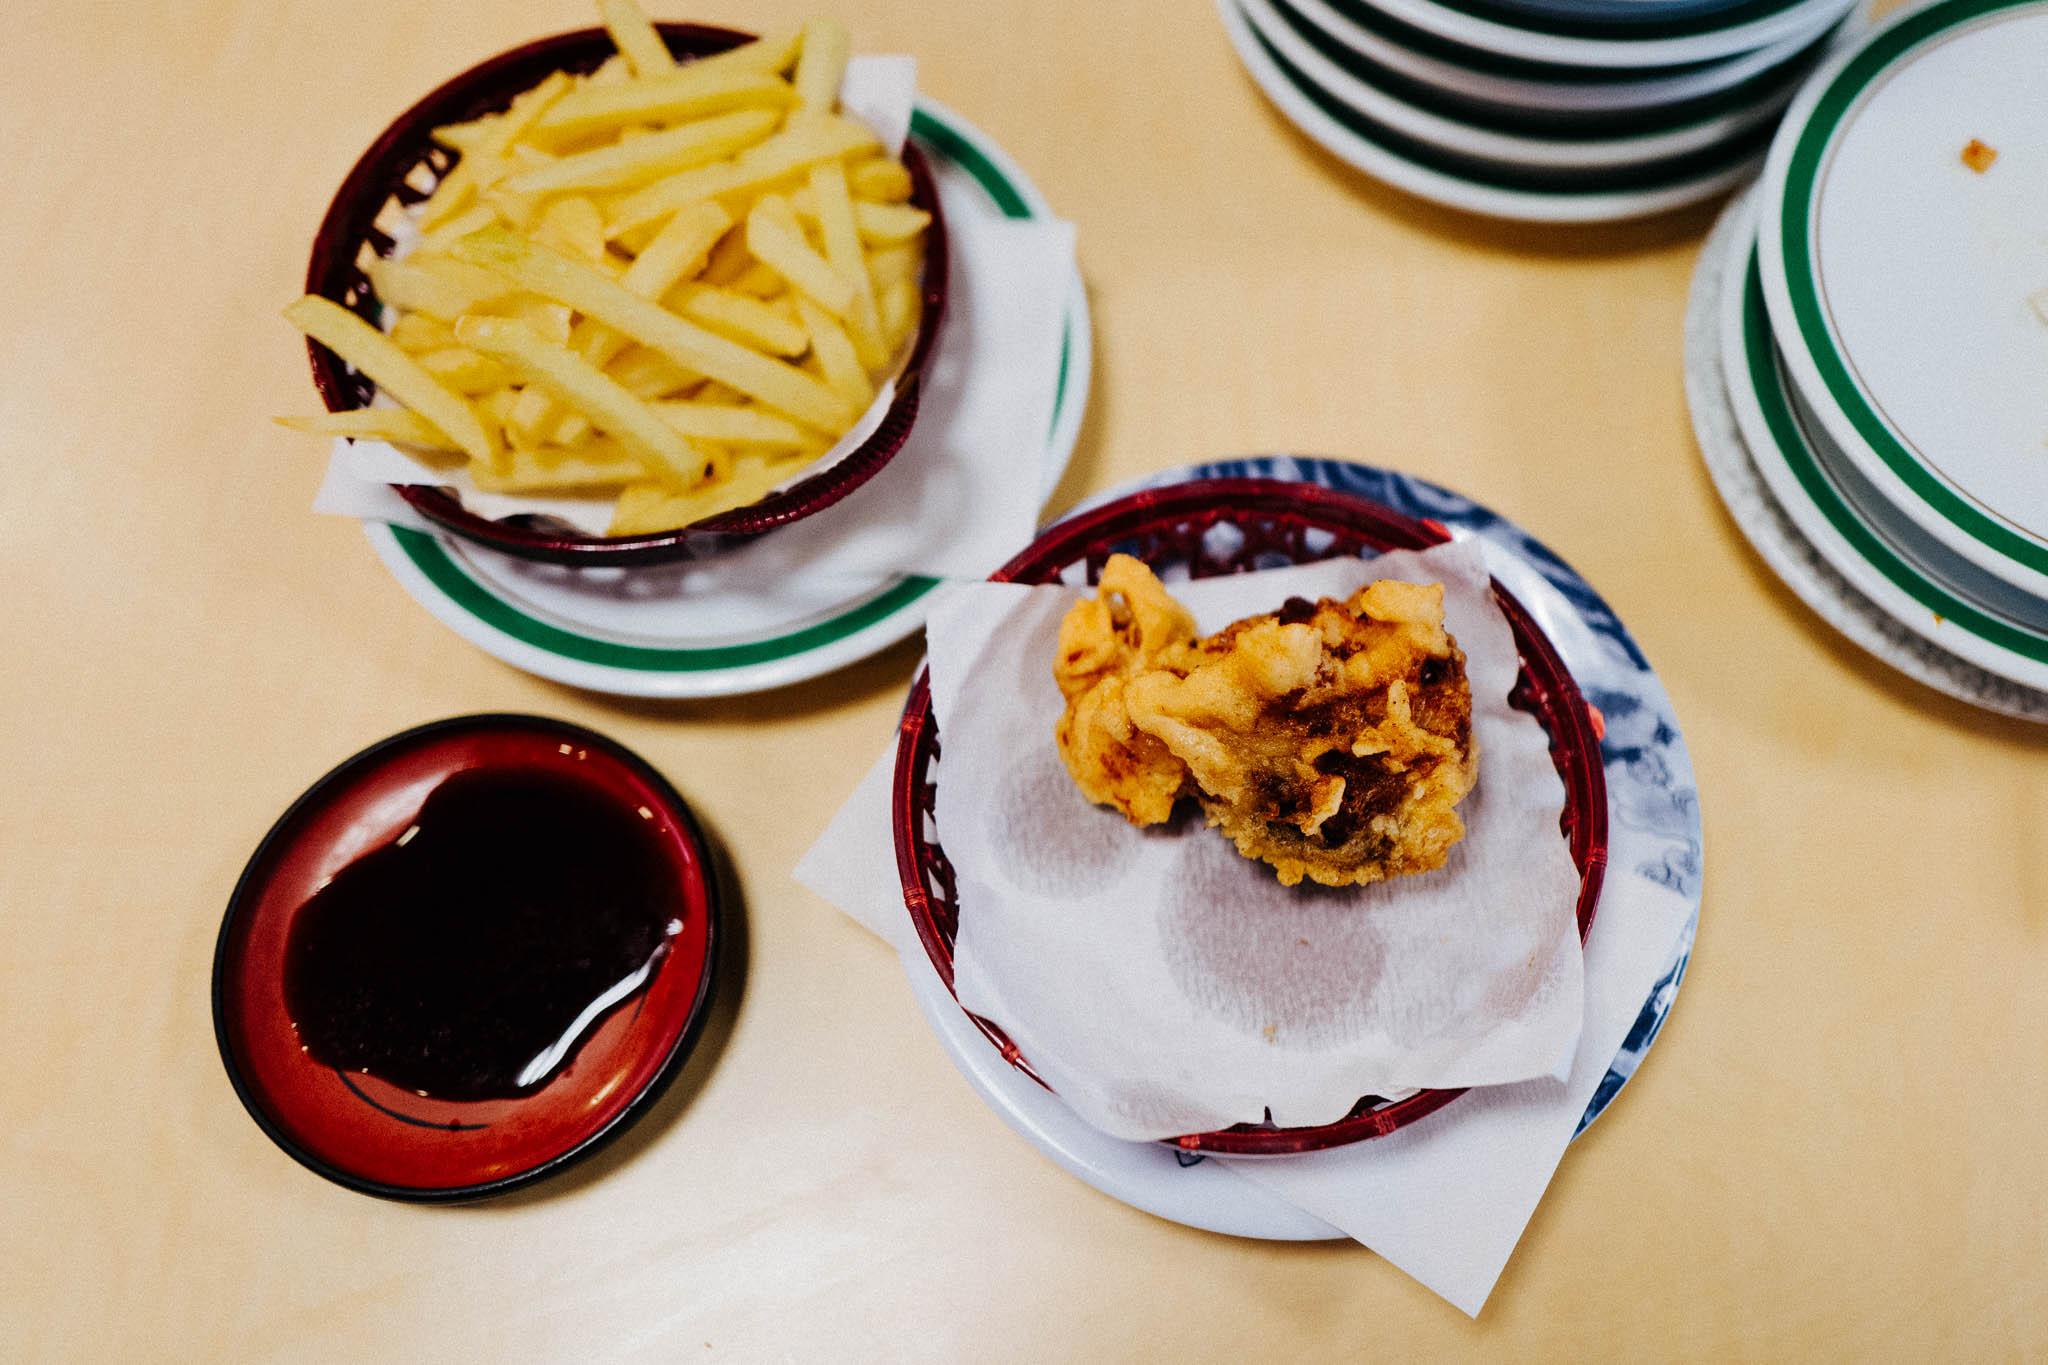 fujimaru-sushi-fried-fish-chips